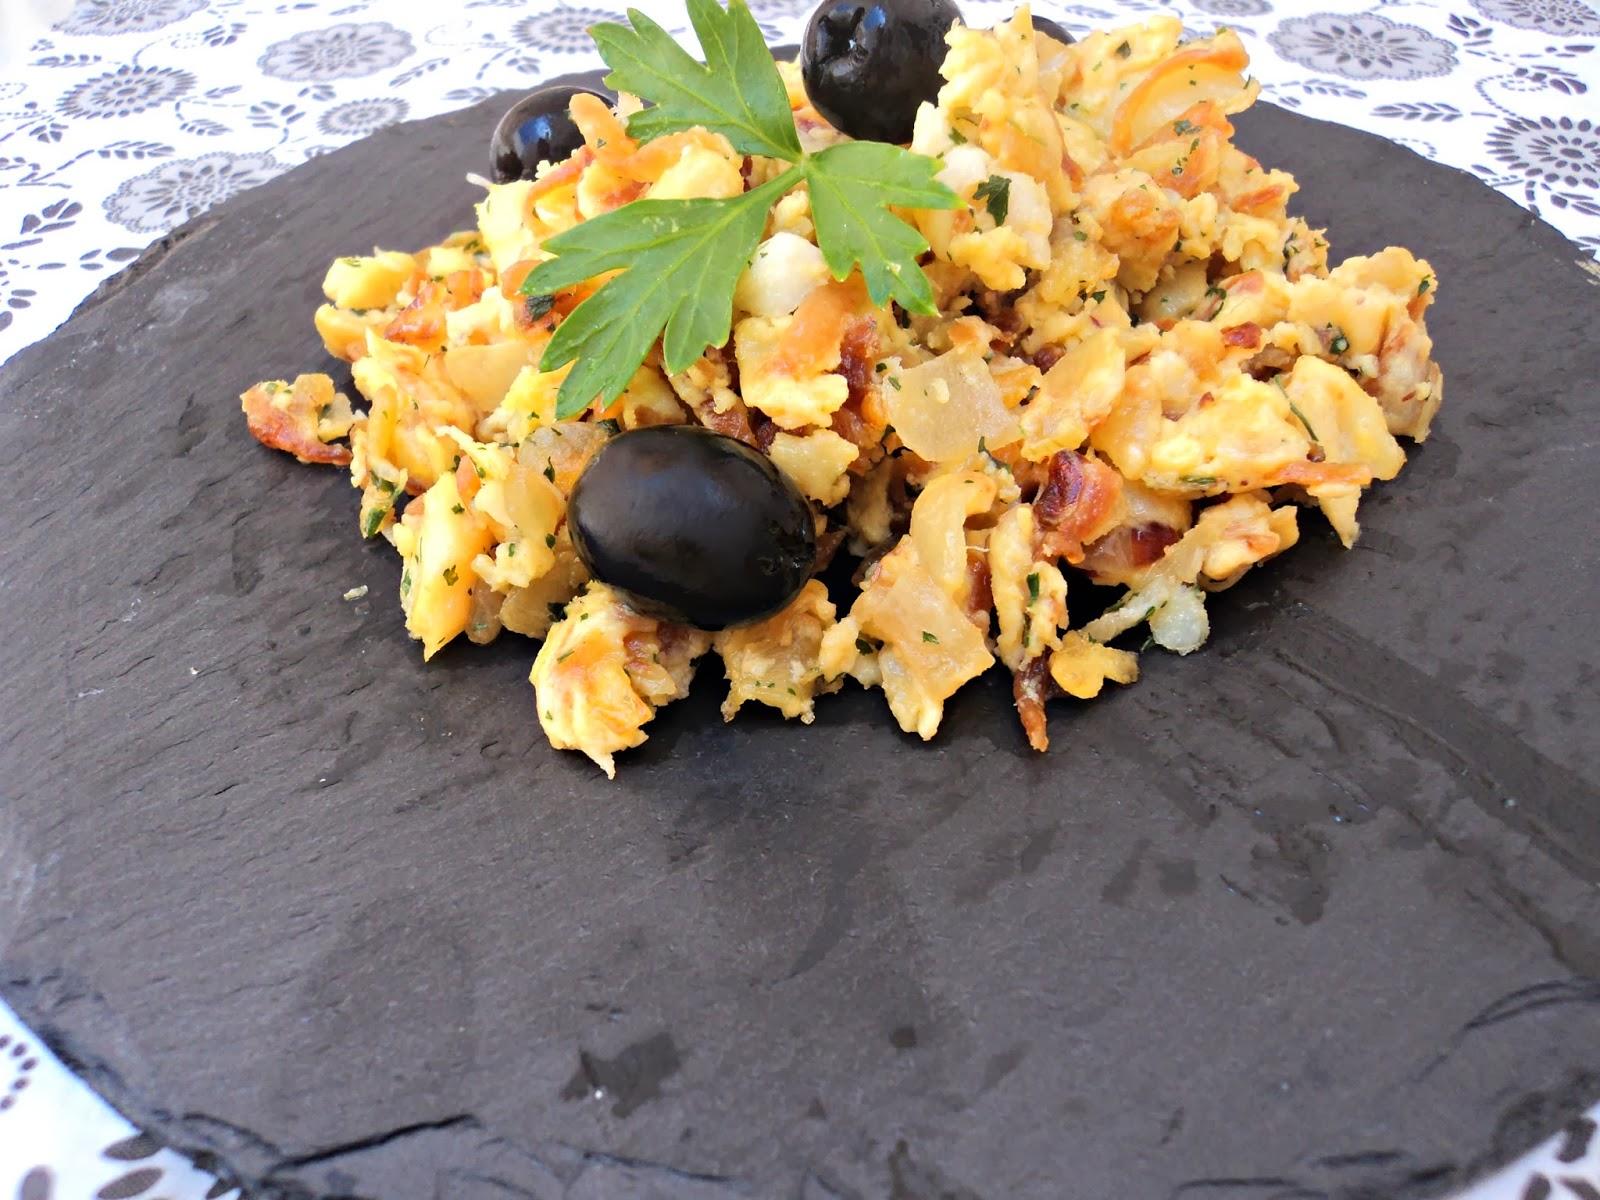 receta casera bacalao dorado patatas cocina portuguesa